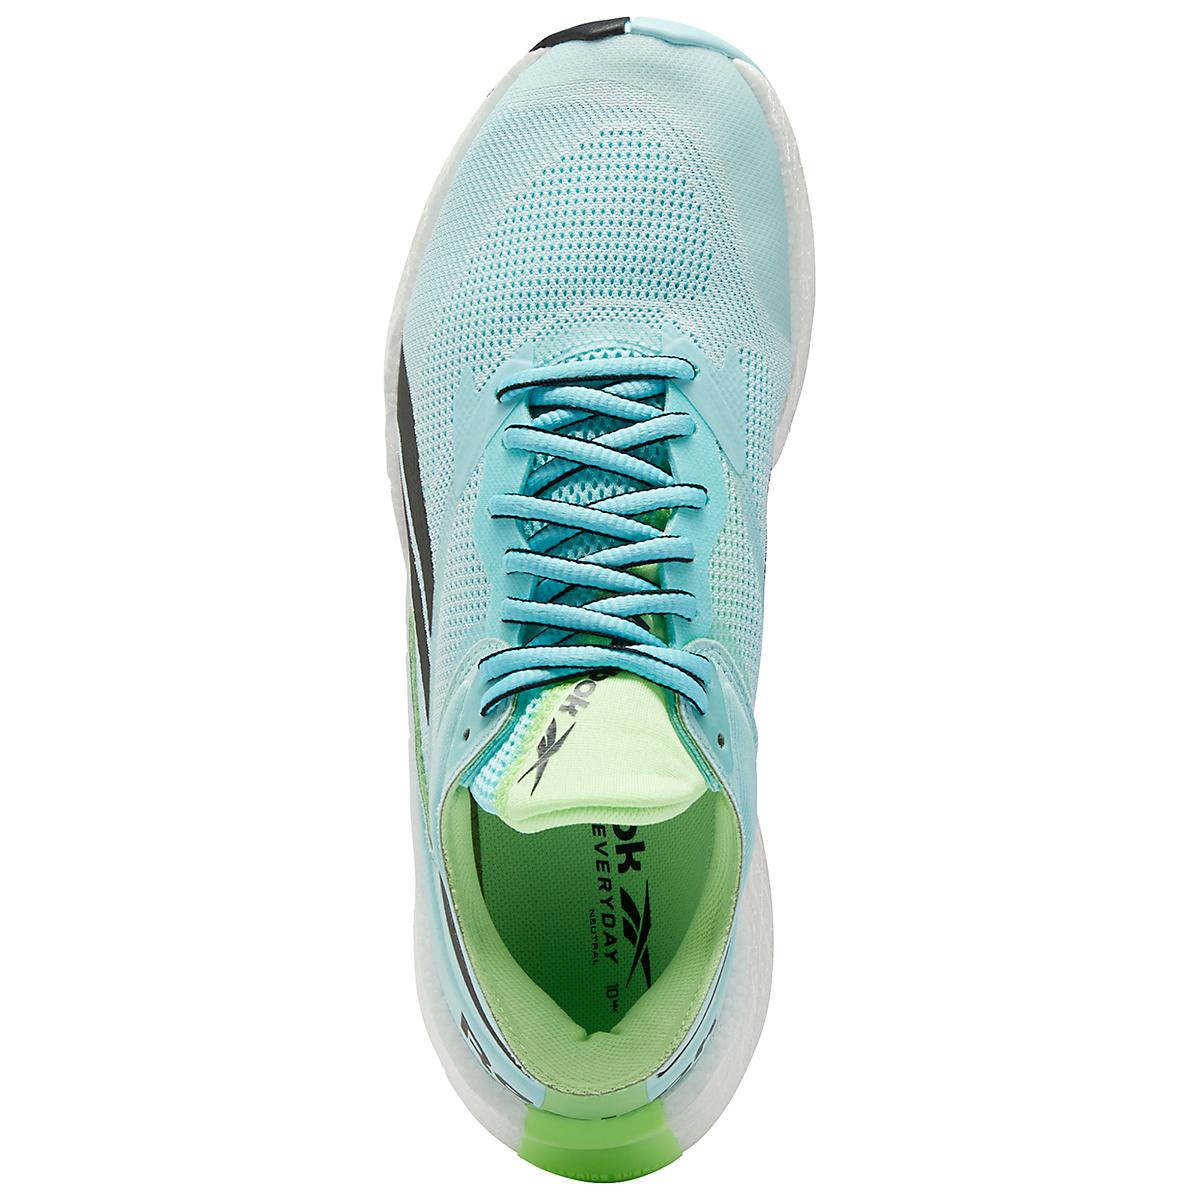 Women's Reebok Floatride Energy Symmetros Running Shoe - Color: Digital Glow/Chalk Blue/Neon Mint - Size: 6 - Width: Regular, Digital Glow/Chalk Blue/Neon Mint, large, image 6